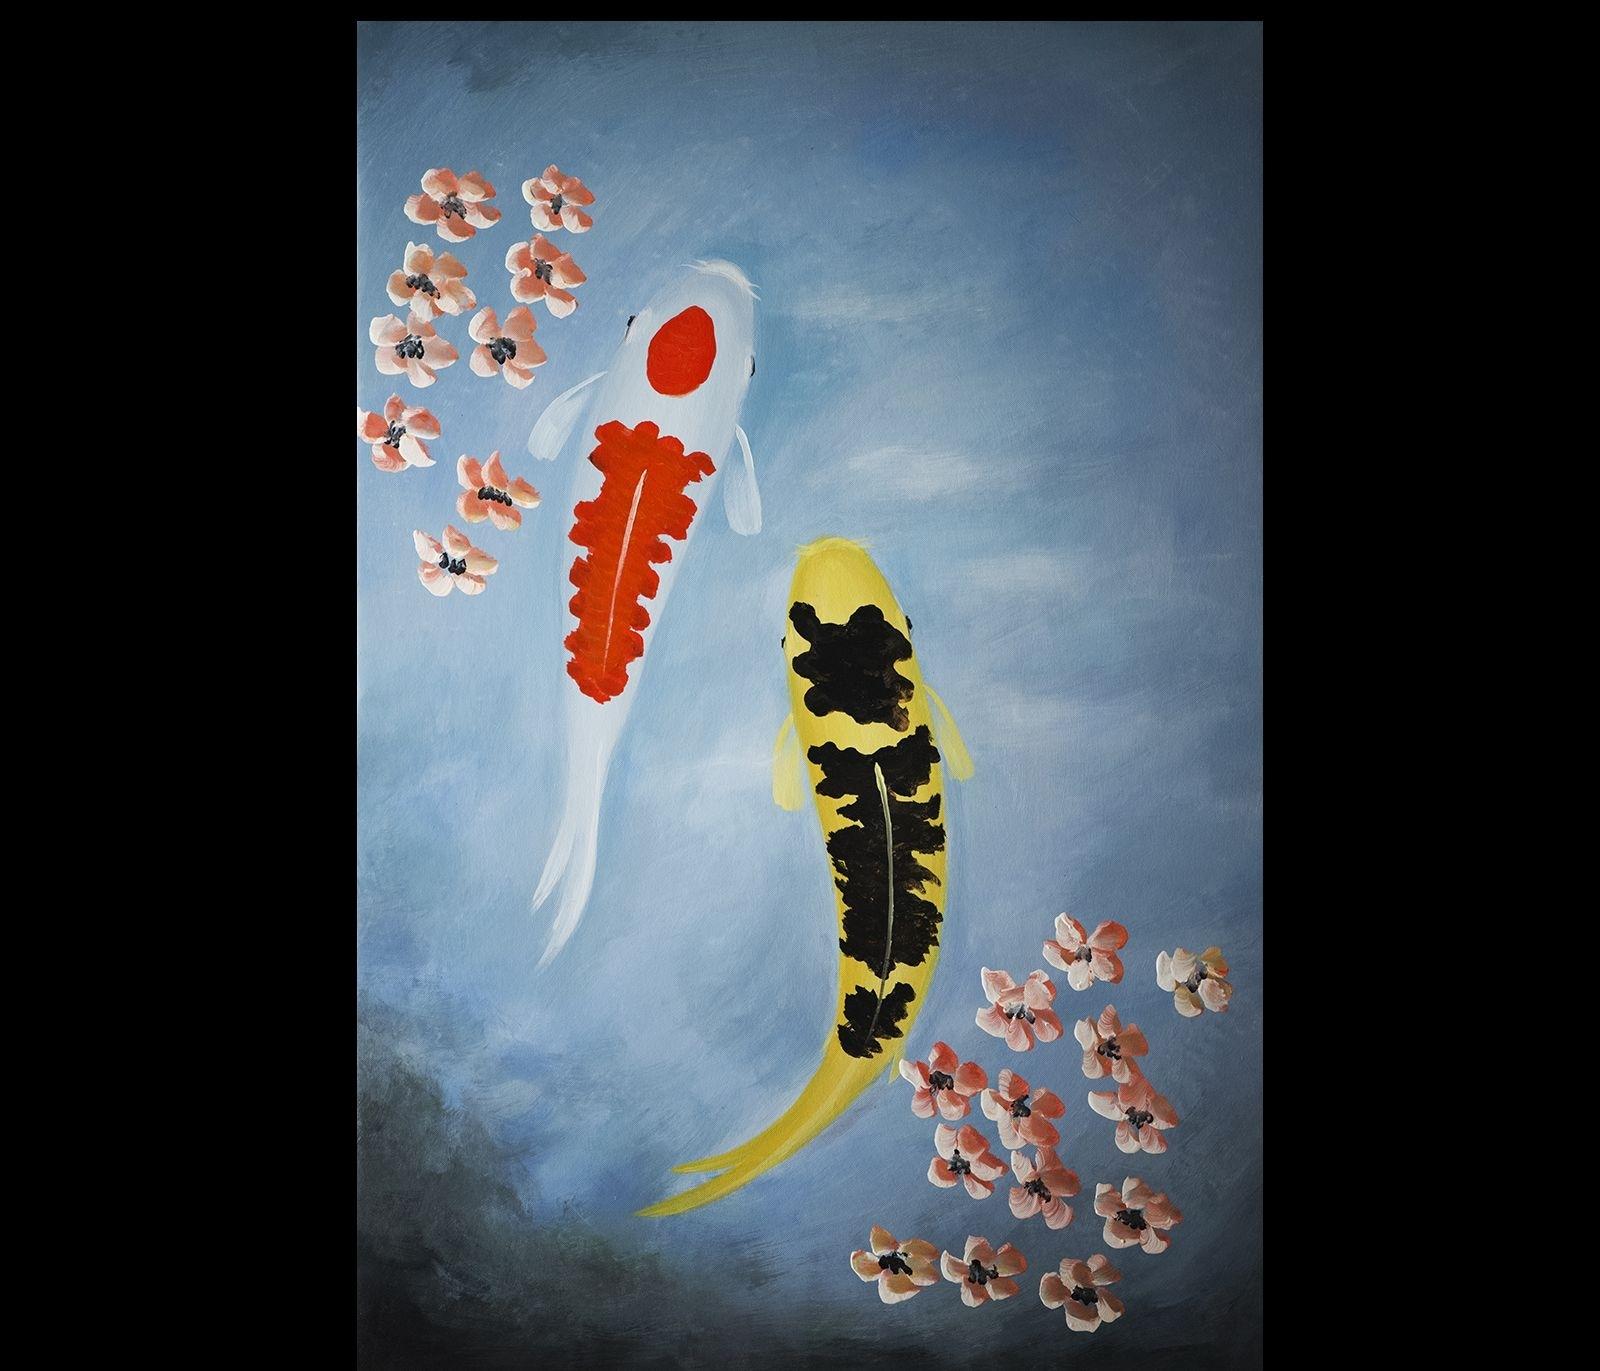 Abstract Art Wall Art Decor Koi Fish Painting Japanese Koi Painting Inside Latest Fish Painting Wall Art (View 6 of 20)